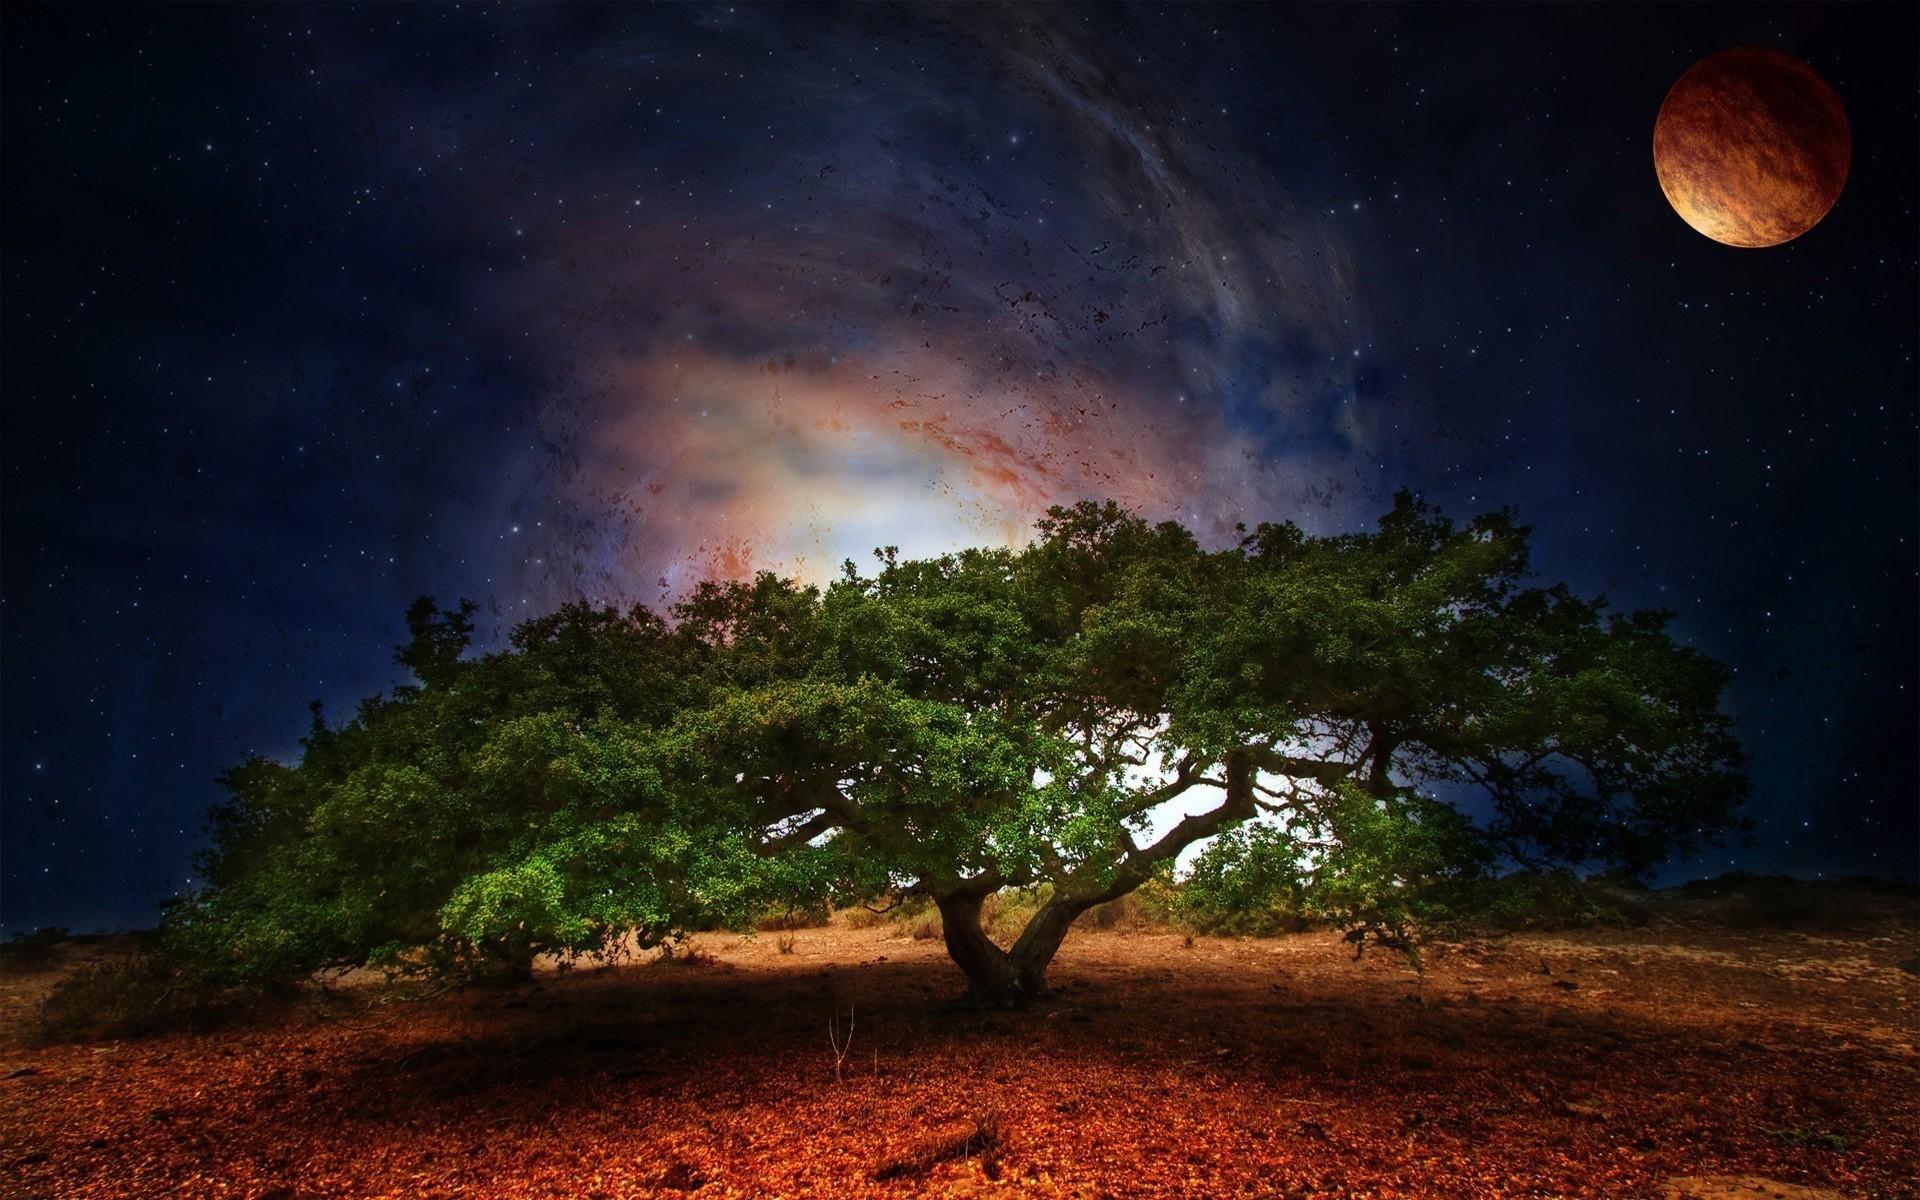 Обои природа небо деревья космос картинки на рабочий стол на тему Космос - скачать скачать